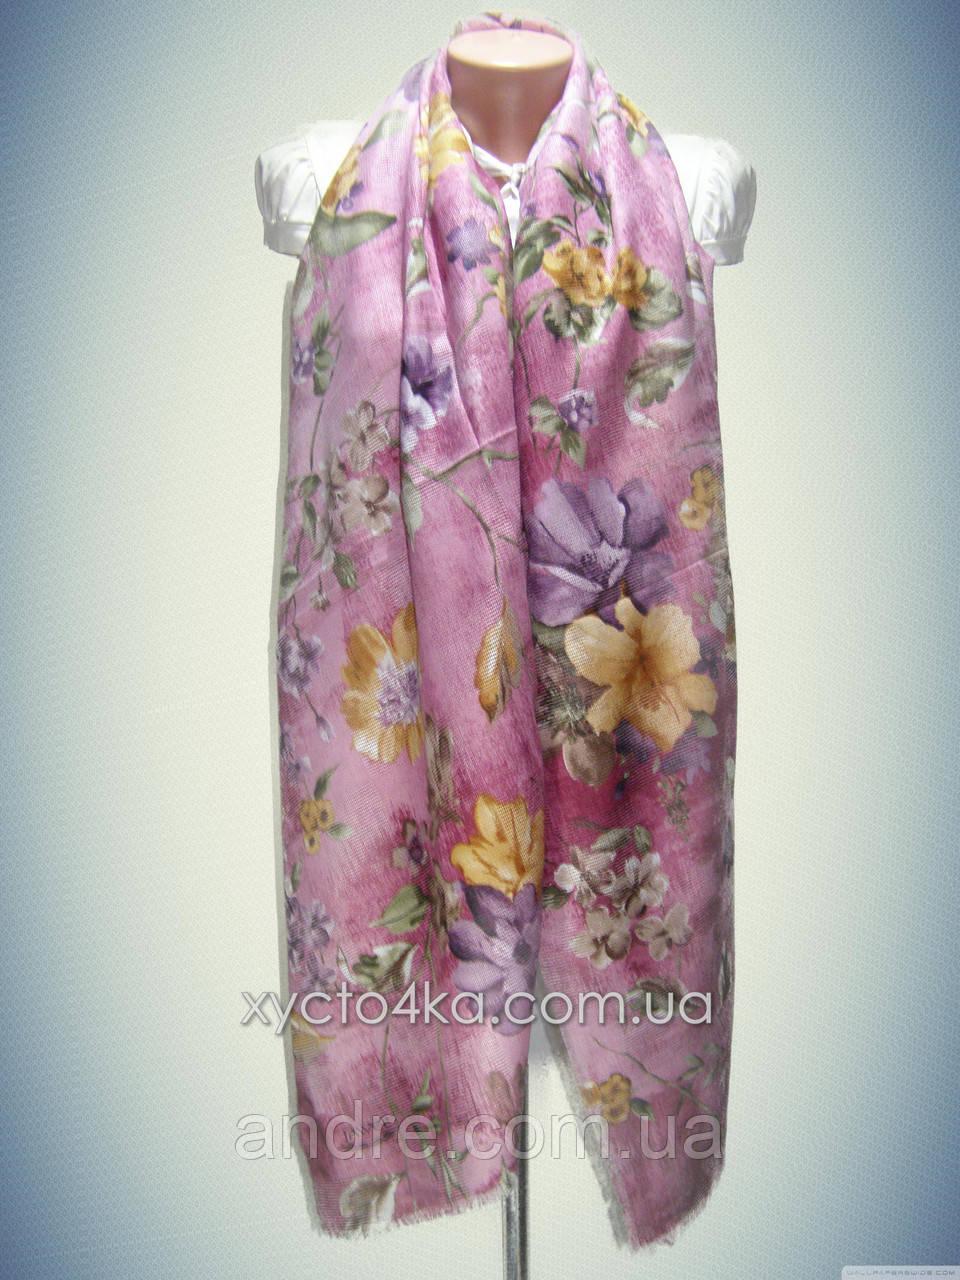 Натуральный шарф с перфорацией Лора, бледно розовый